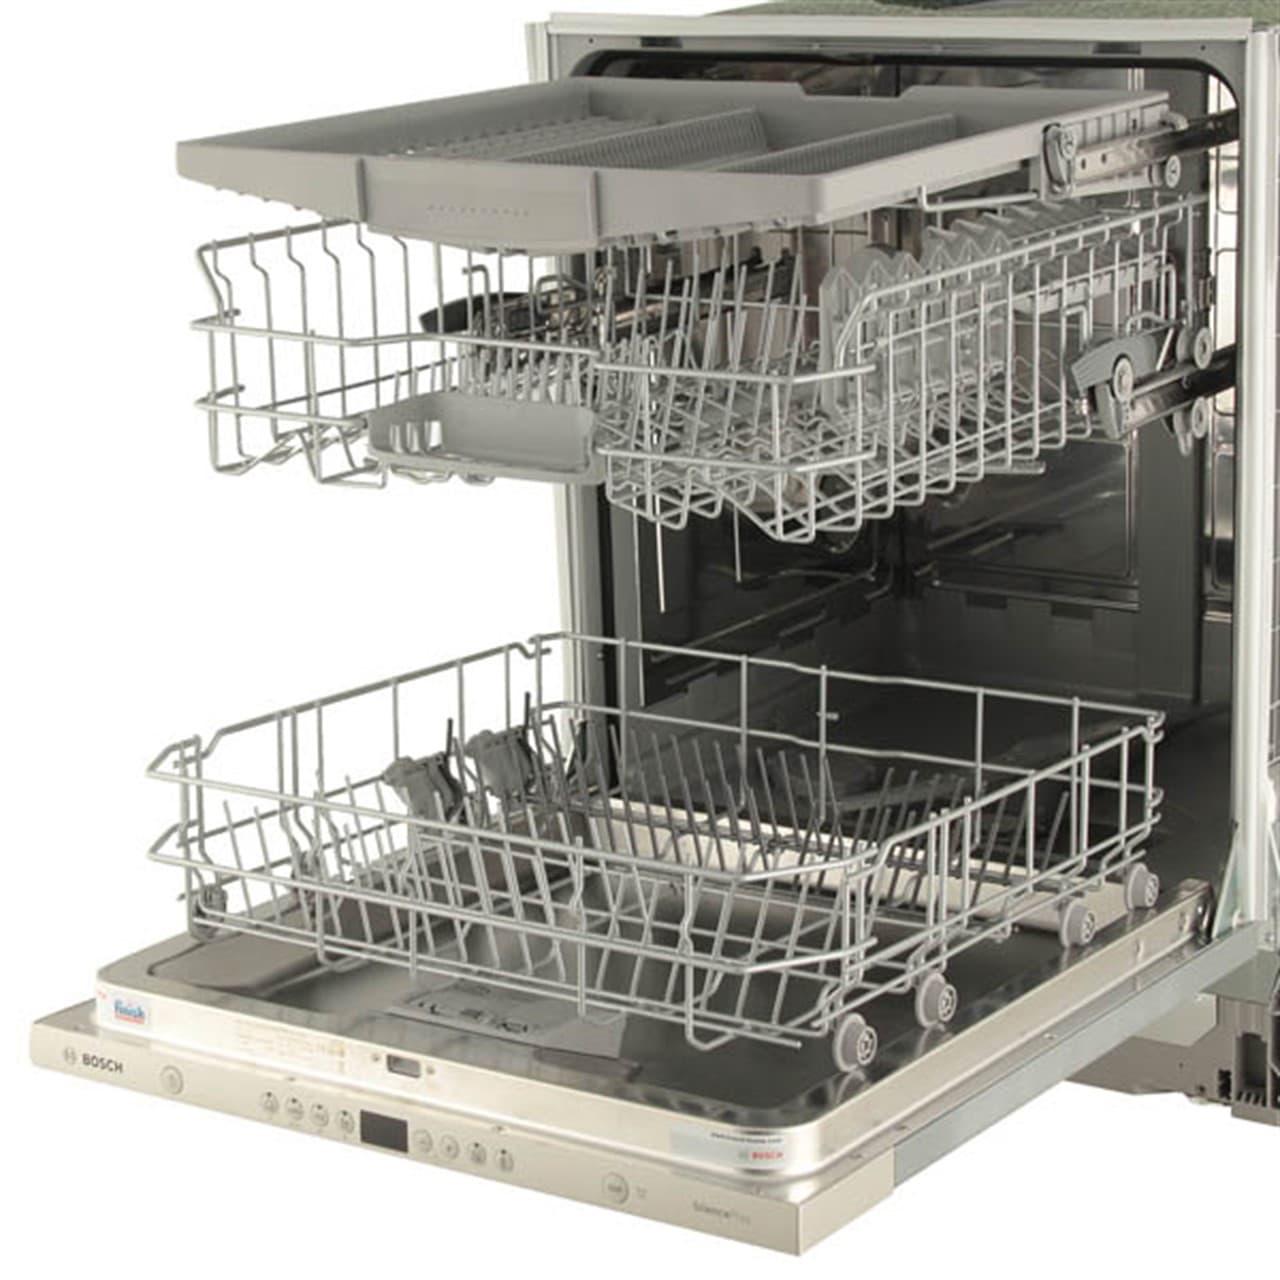 Встраиваемые посудомоечные машины bosch (бош) 60 см: топ лучших моделей на рынке